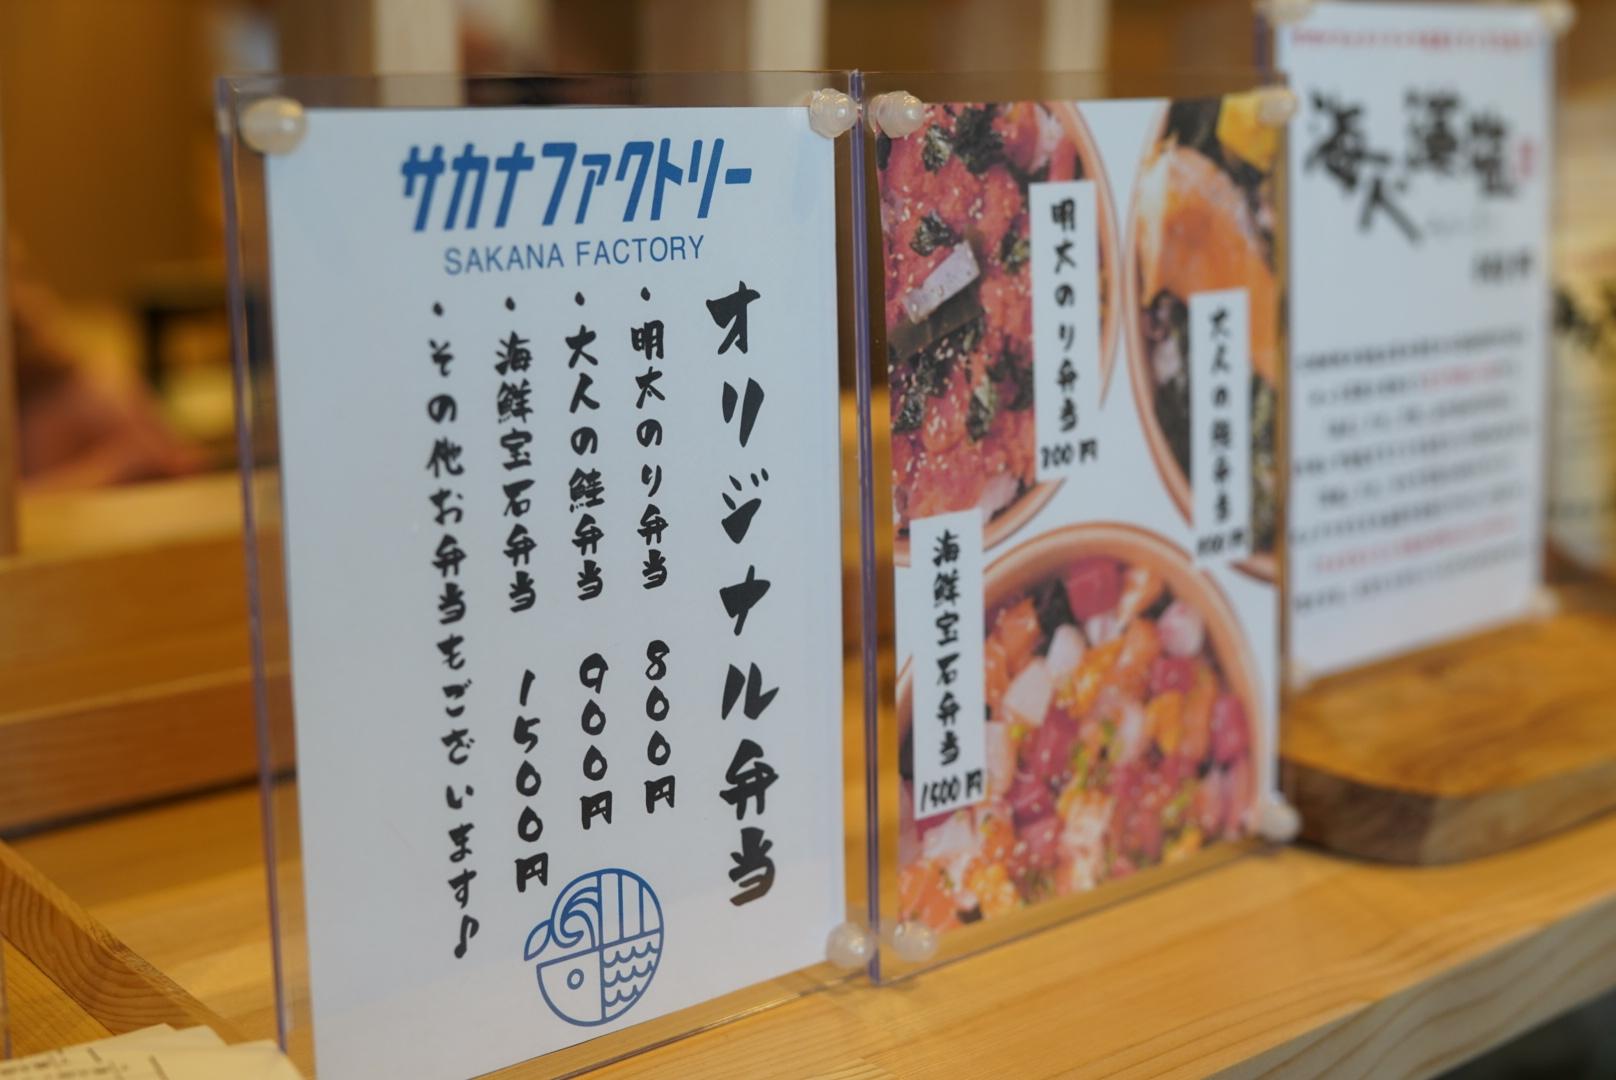 名鉄瀬戸線・高架下の新スポット「SAKUMACHI商店街」に12店舗がオープン! - 92D93DE2 2553 4BE4 AC73 F113FA2CBCB9